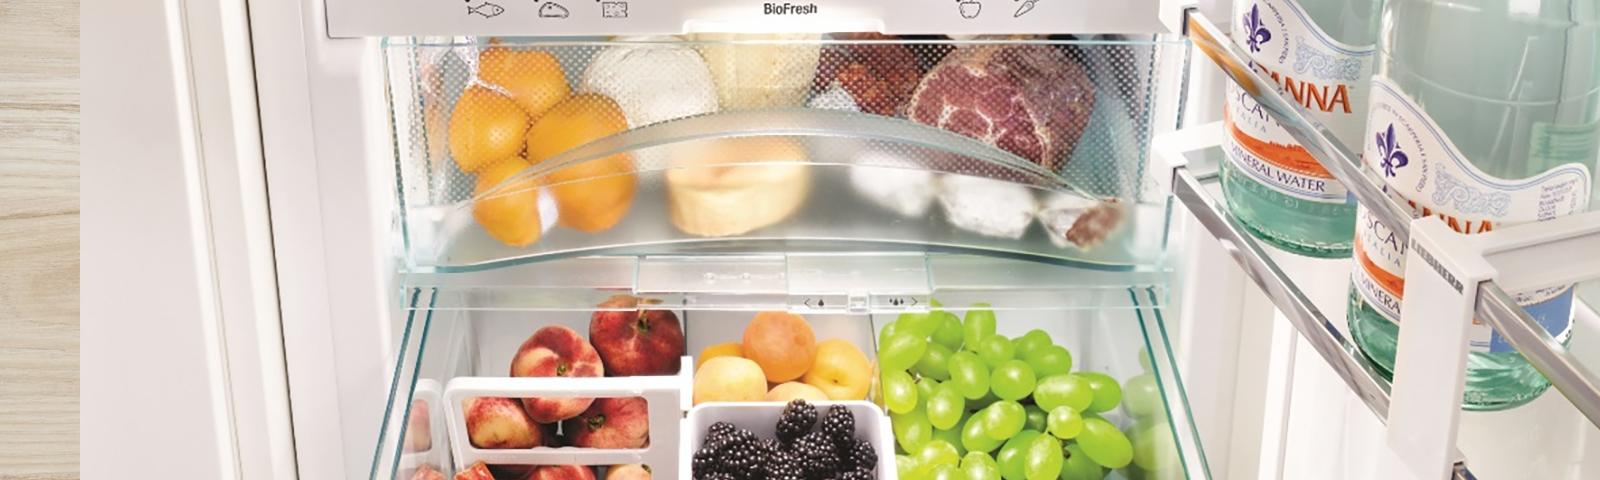 хранение продуктов в холодильнике фото